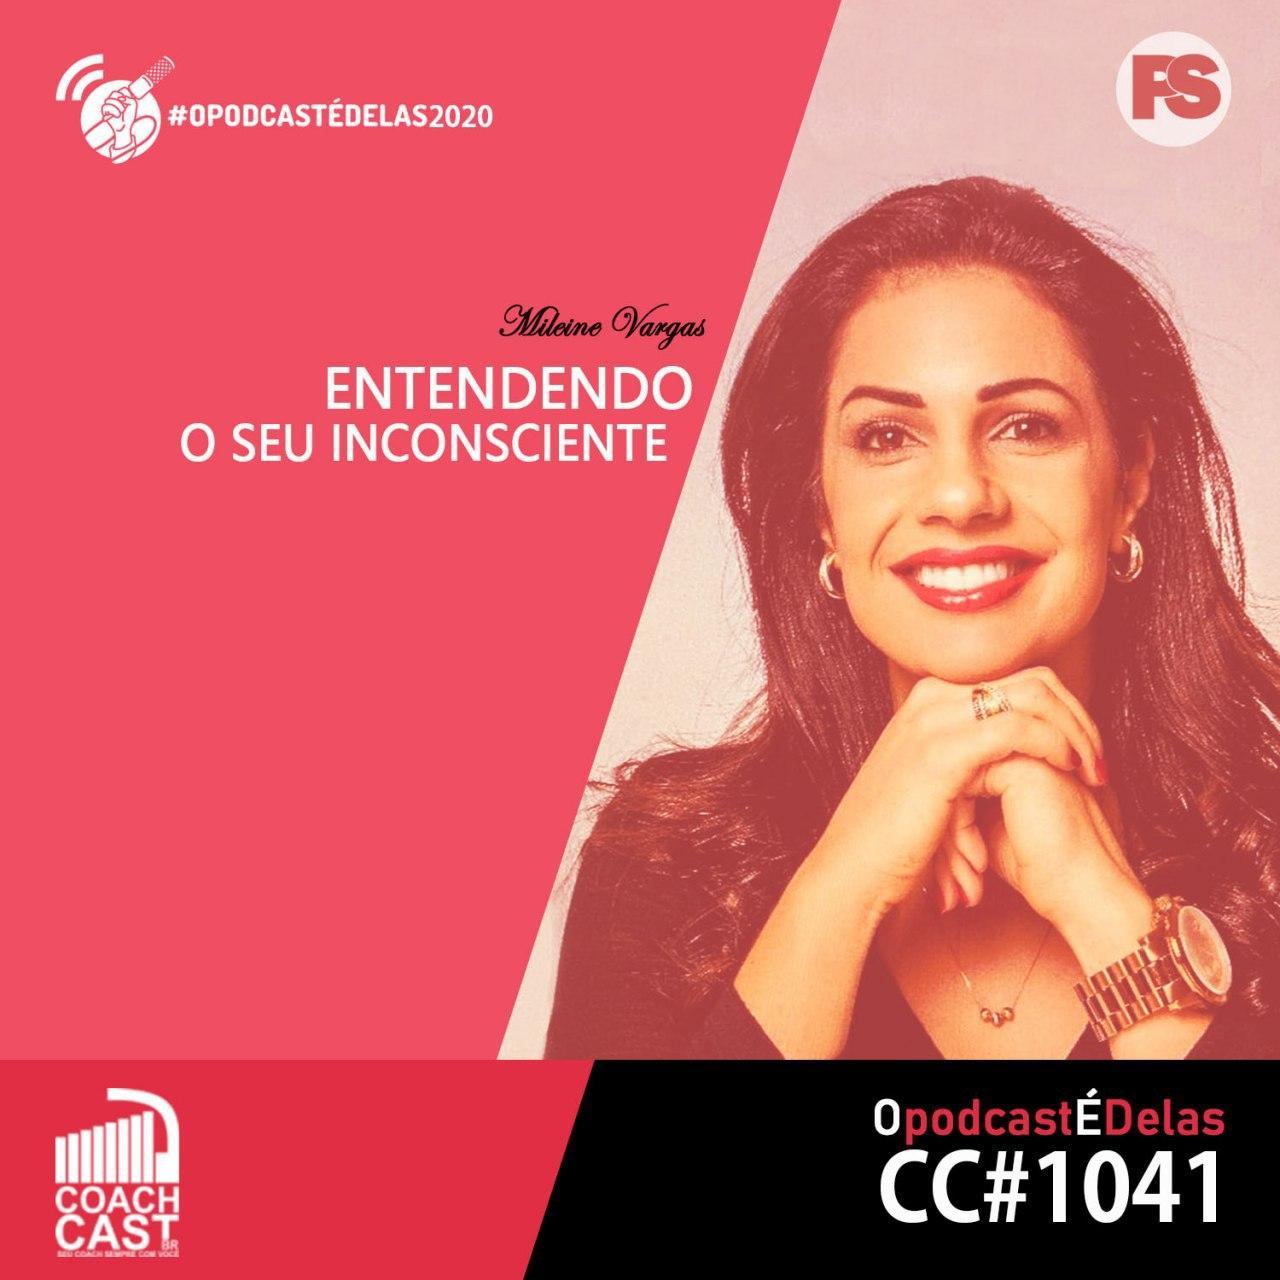 photo_2020-03-17_09-32-40 - Paulinho Siqueira